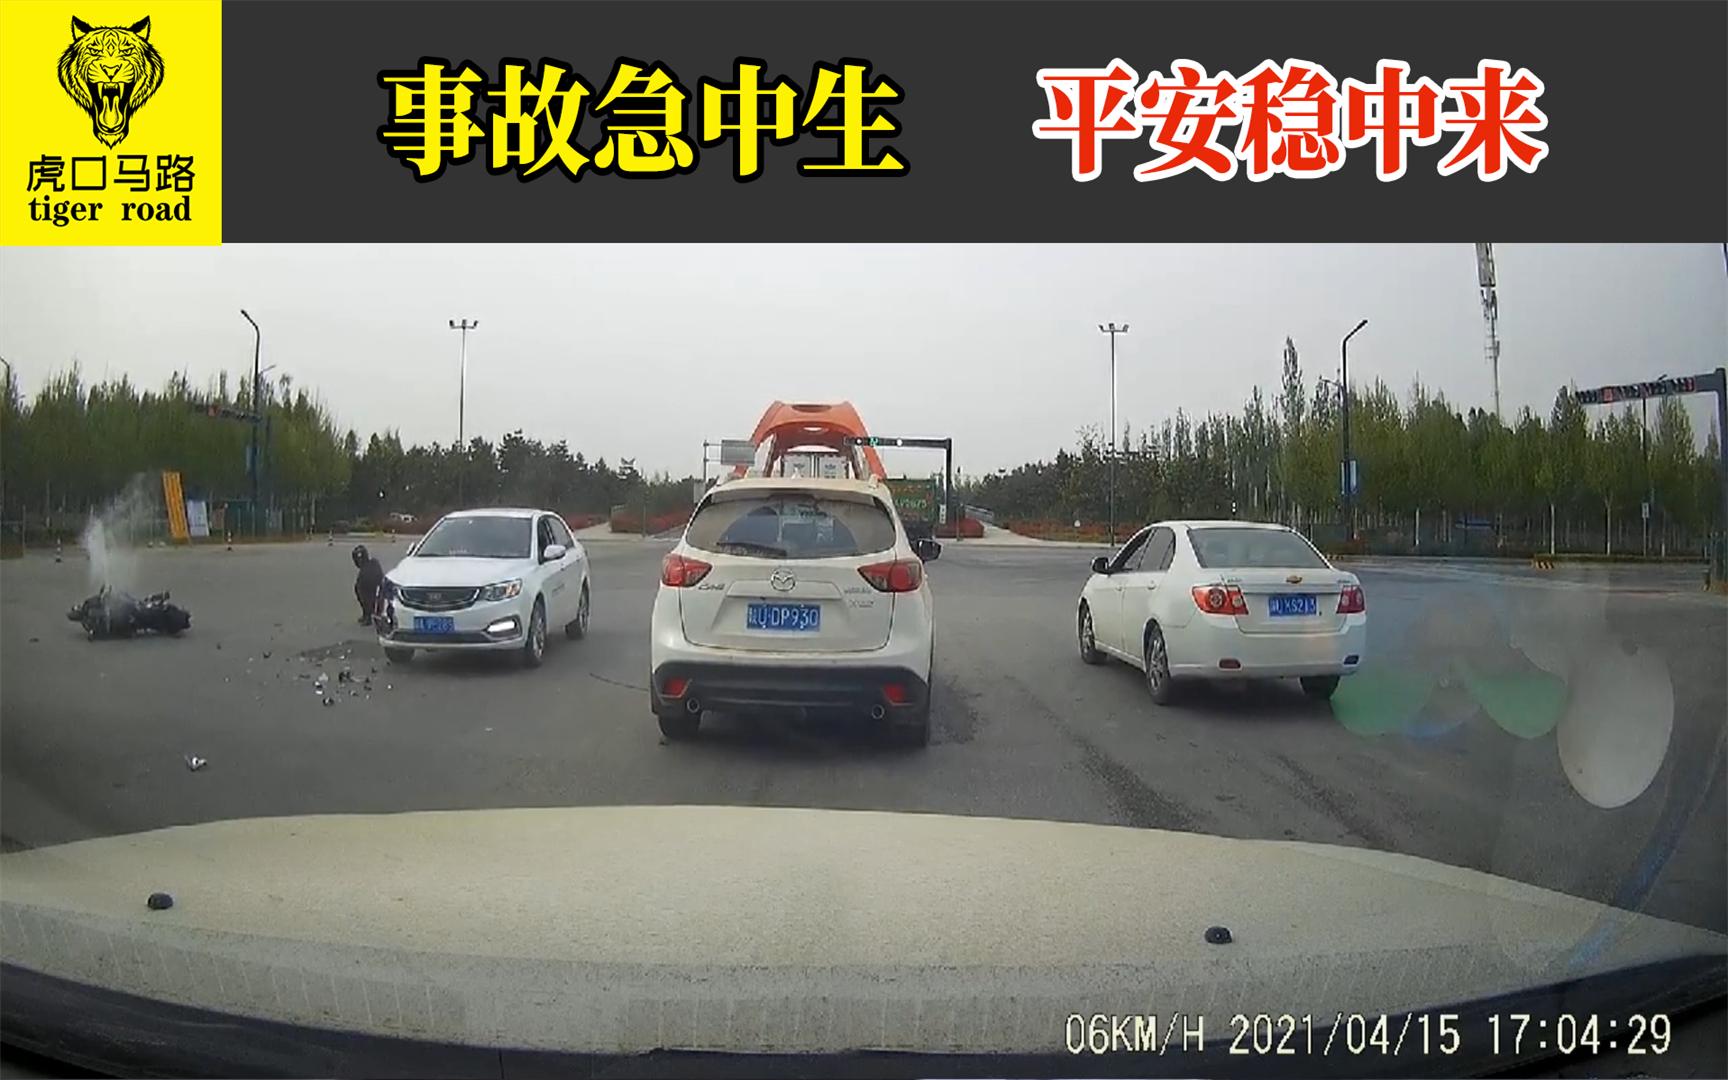 2021交通事故(54):事故急中生,平安稳中来